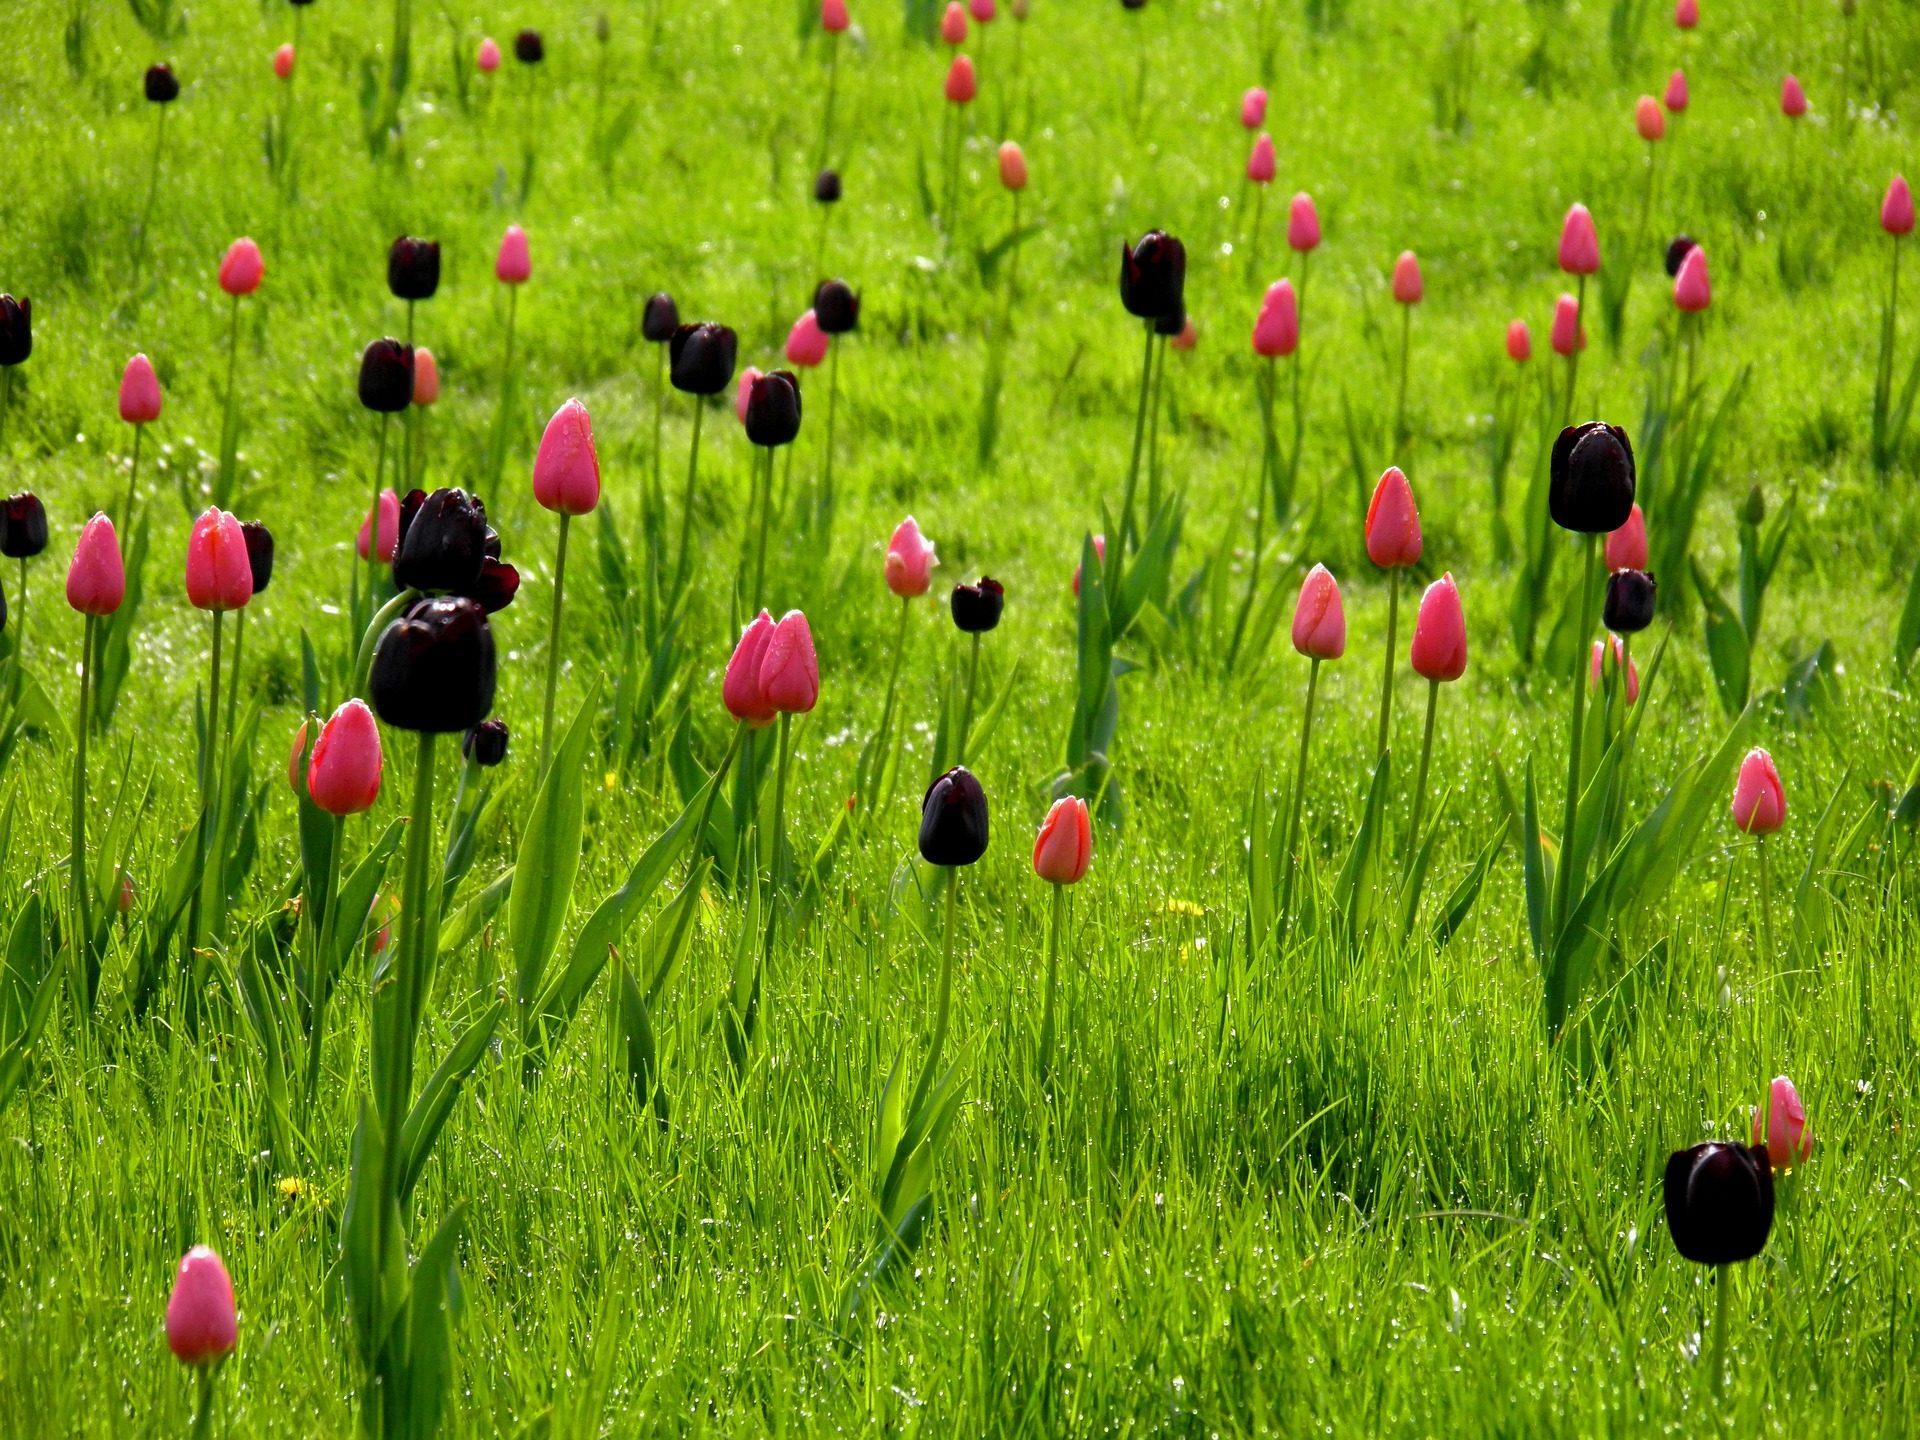 Tulpen, PRADO, Blumen, Feld, Grass, wegen - Wallpaper HD - Prof.-falken.com